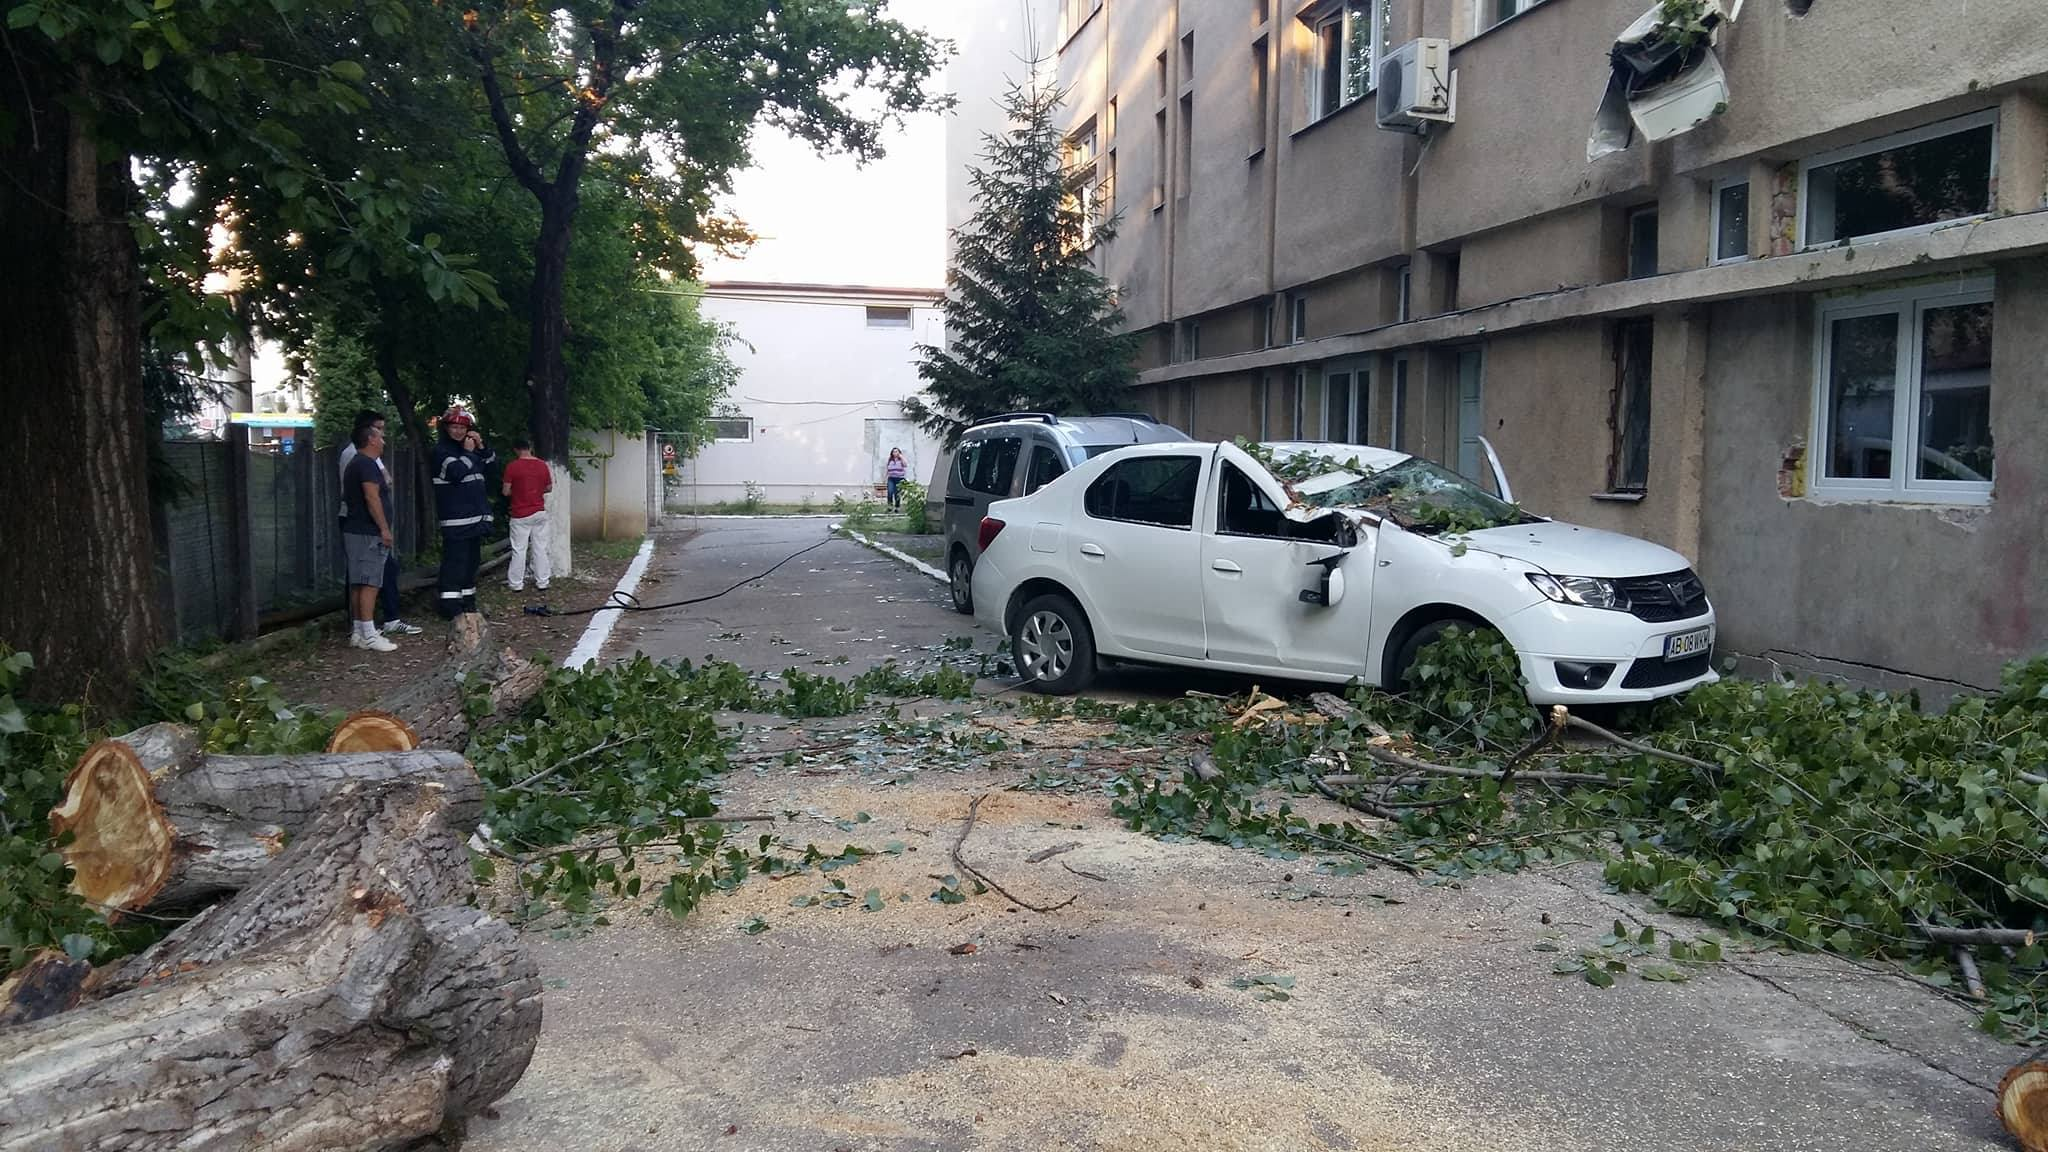 FOTO Spitalul din Alba Iulia a rămas fără gaz, după ce un copac a căzut pe o conductă şi a fisurat-o